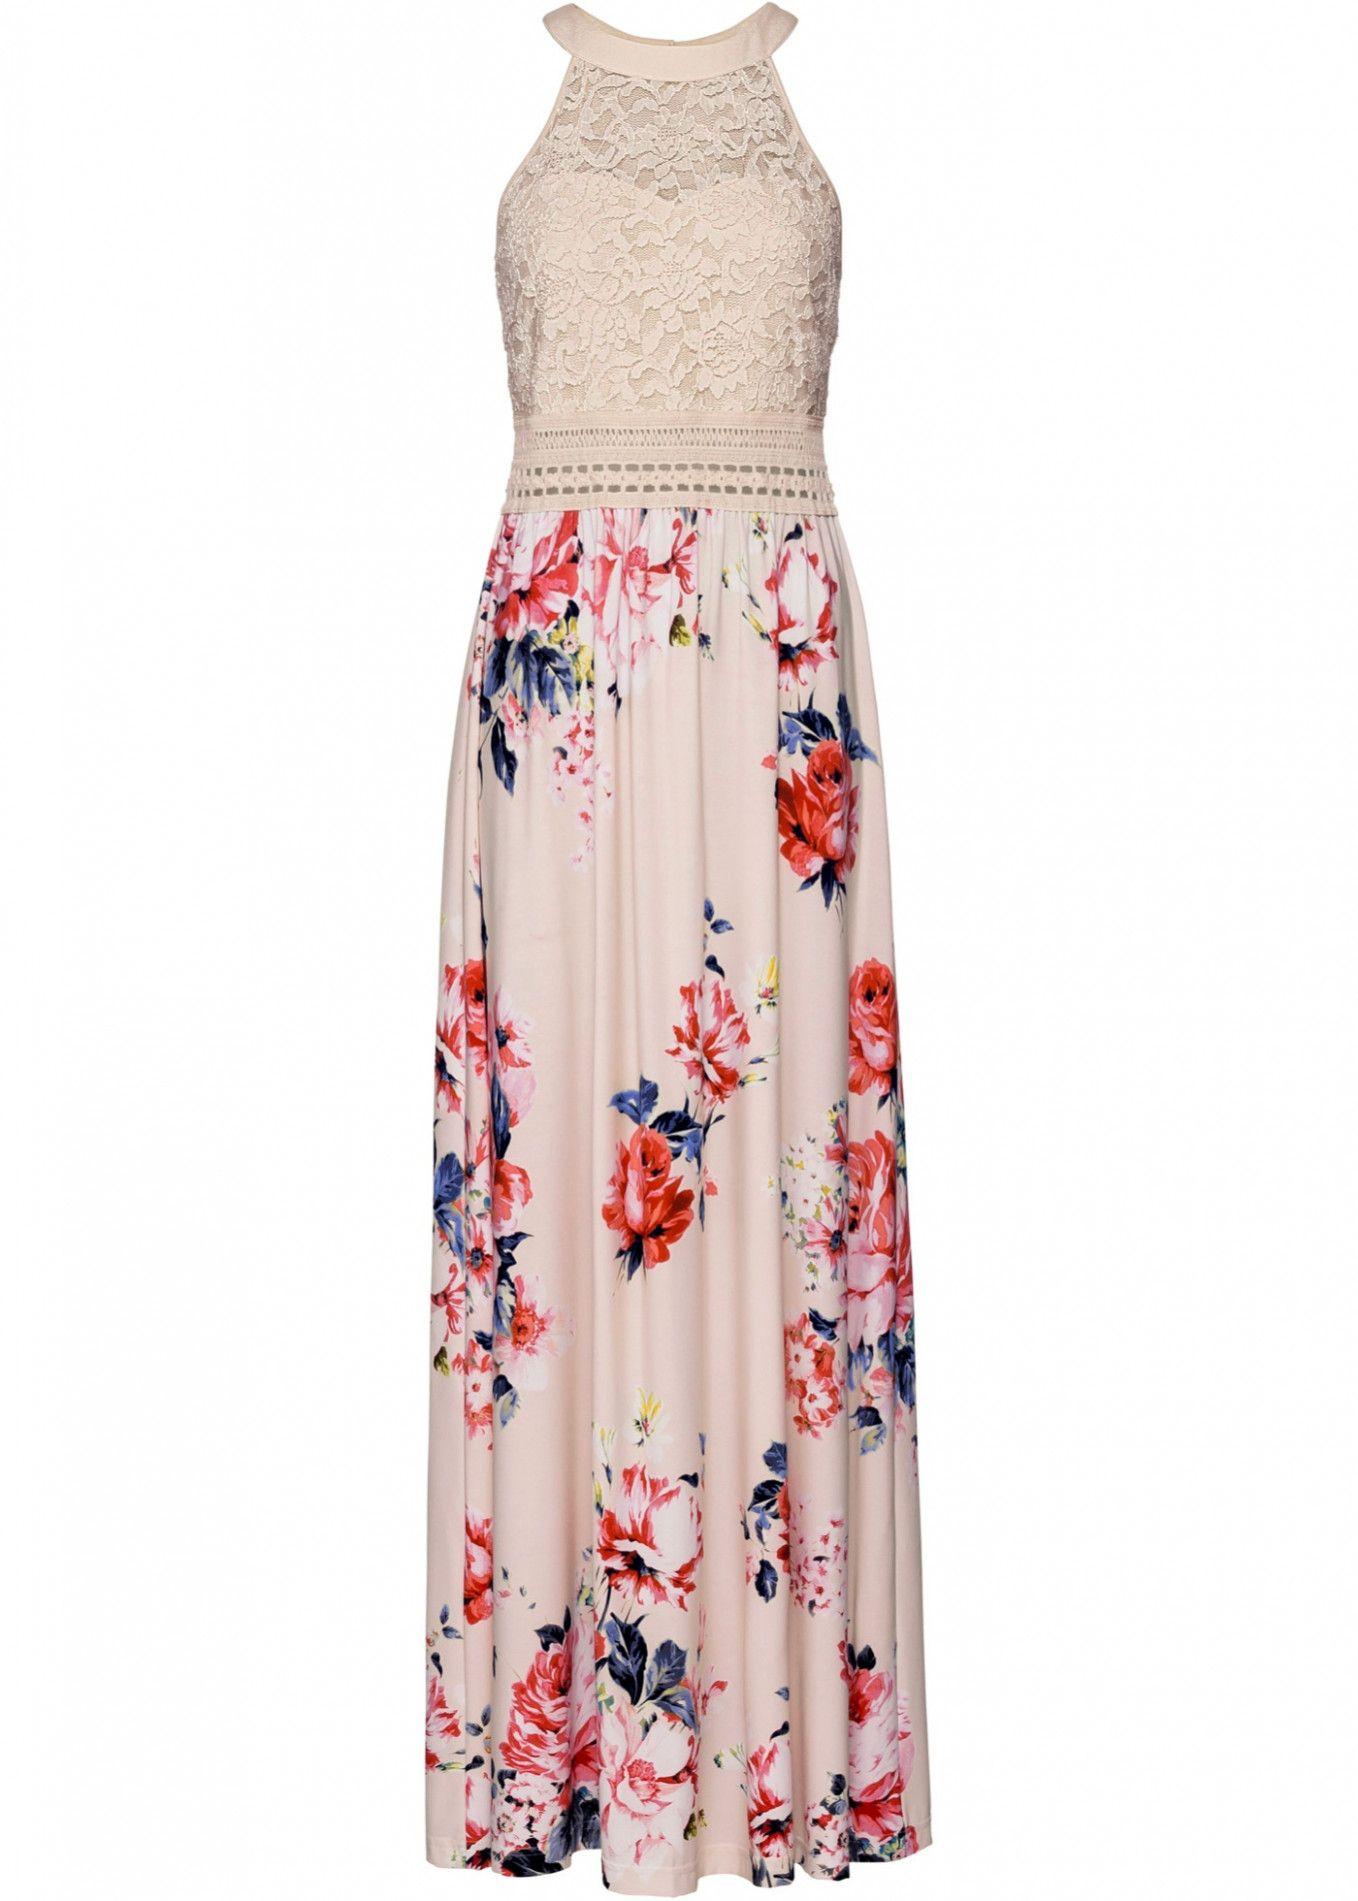 15 Sommerkleider Größe 52 in 2020  Maxi kleider sommer, Maxikleid mit blumen, Sommerkleid